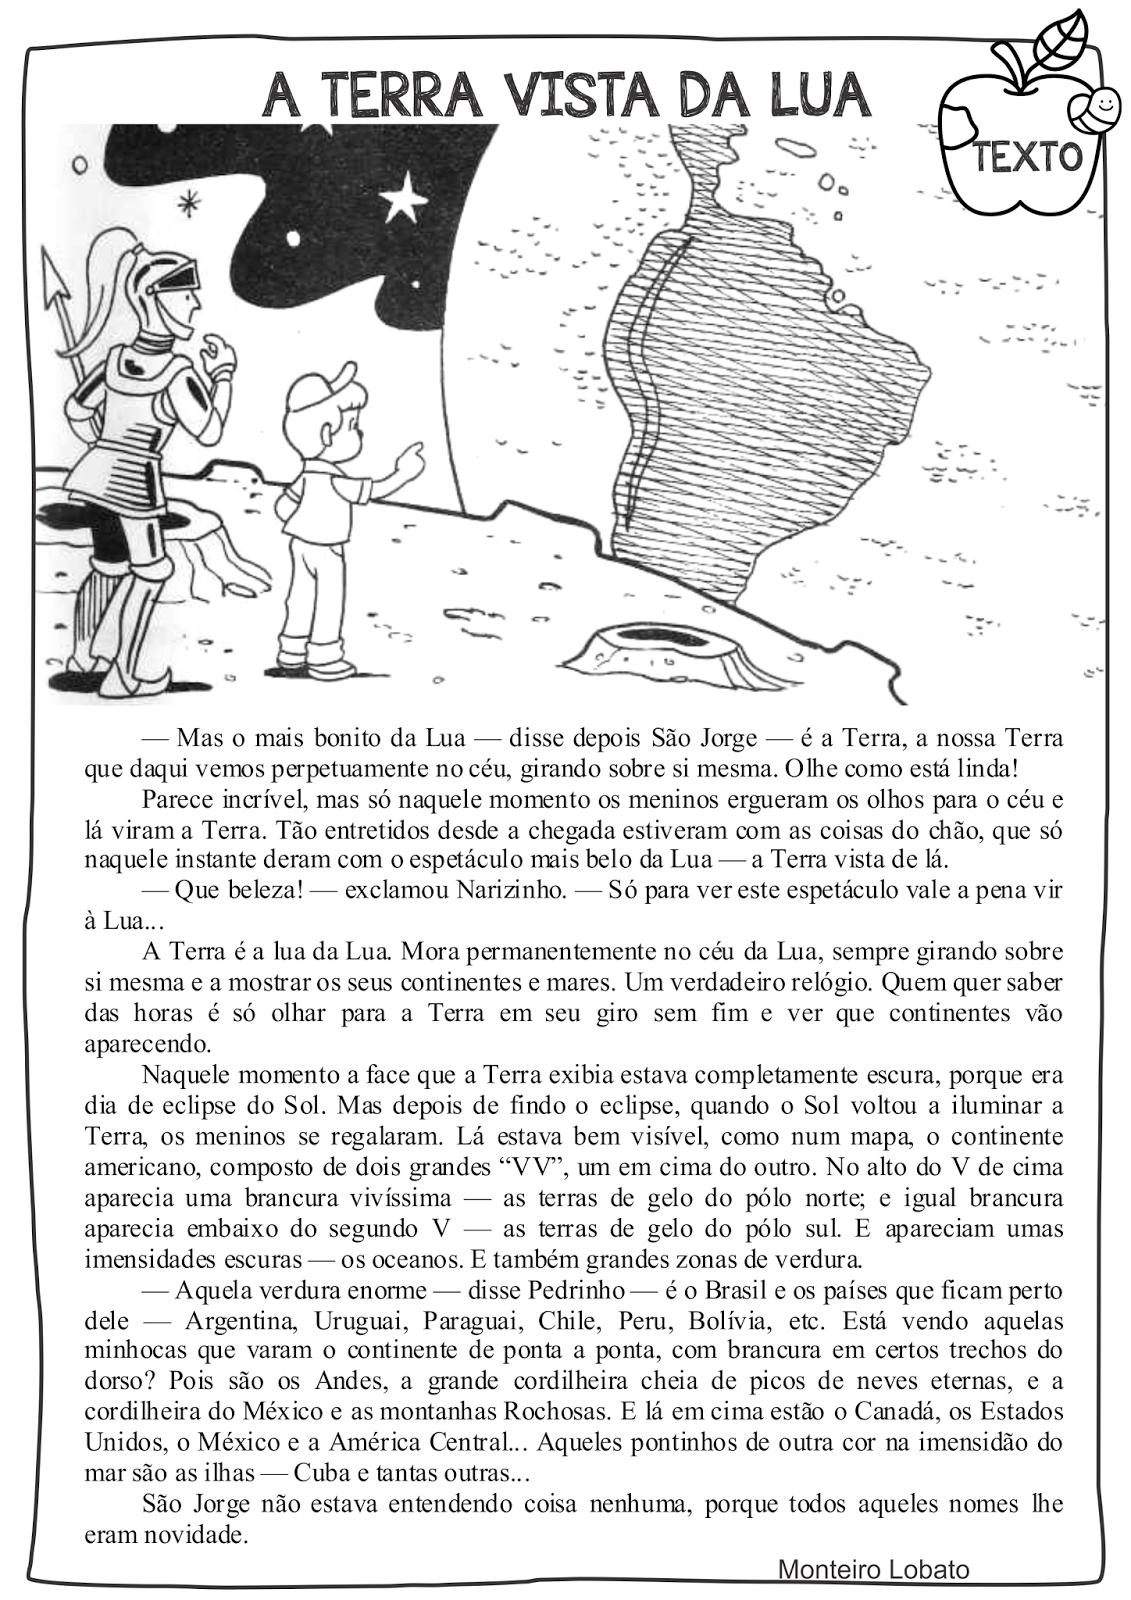 Atividade Dia do Livro Infantil Sítio do Pica Pau Amarelo Texto base A Terra vista da Lua